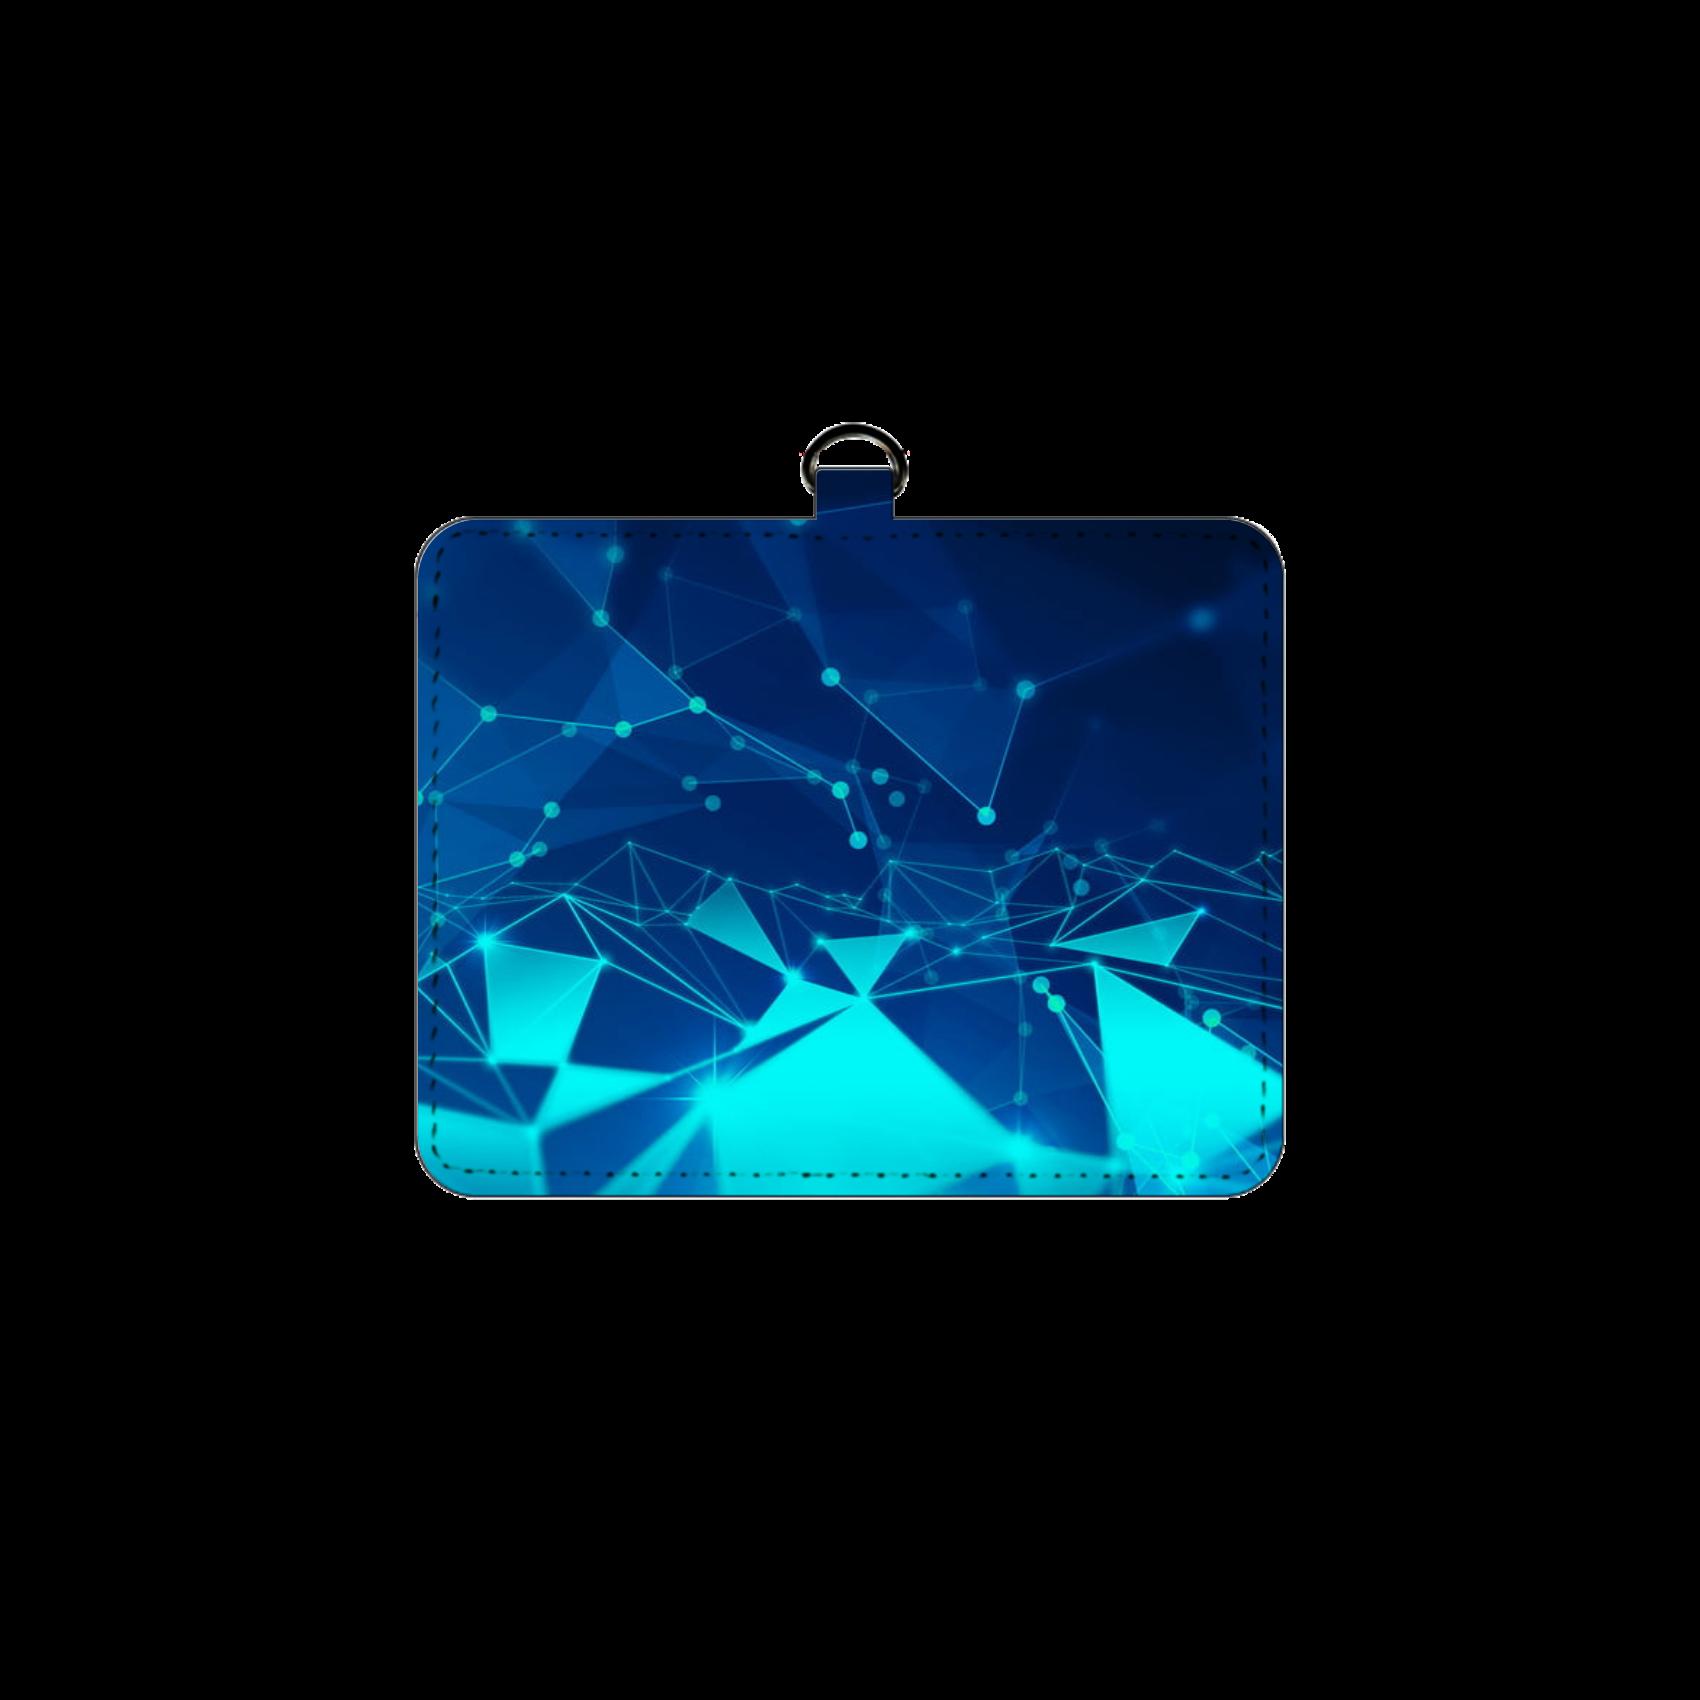 青ガラスデザイン パスケース